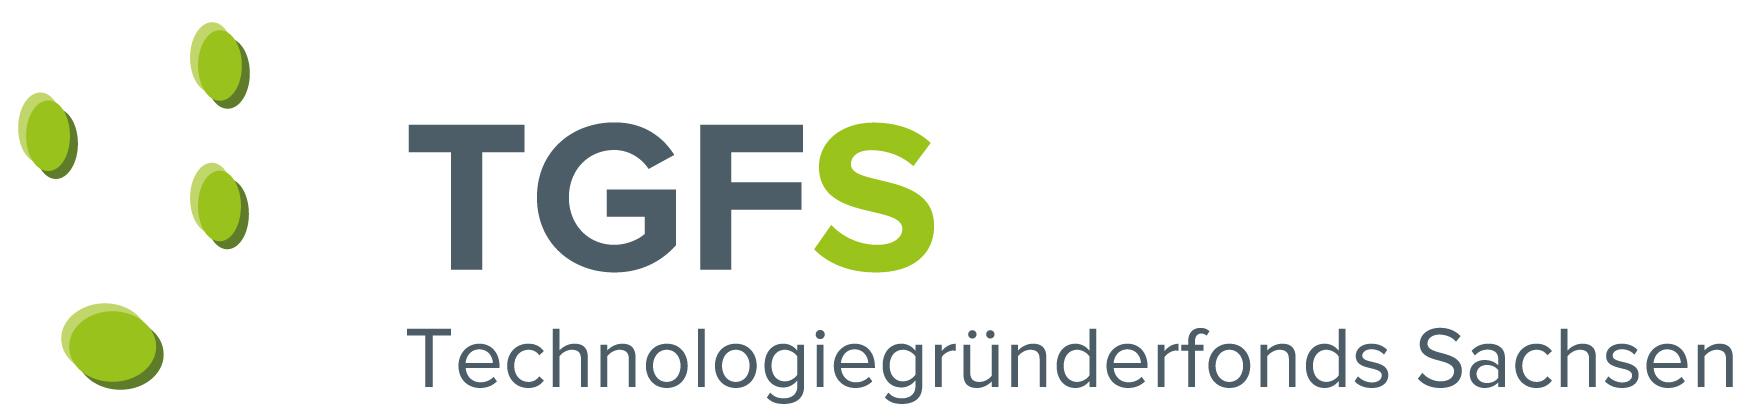 Unsere Partner stellen sich vor: TGFS